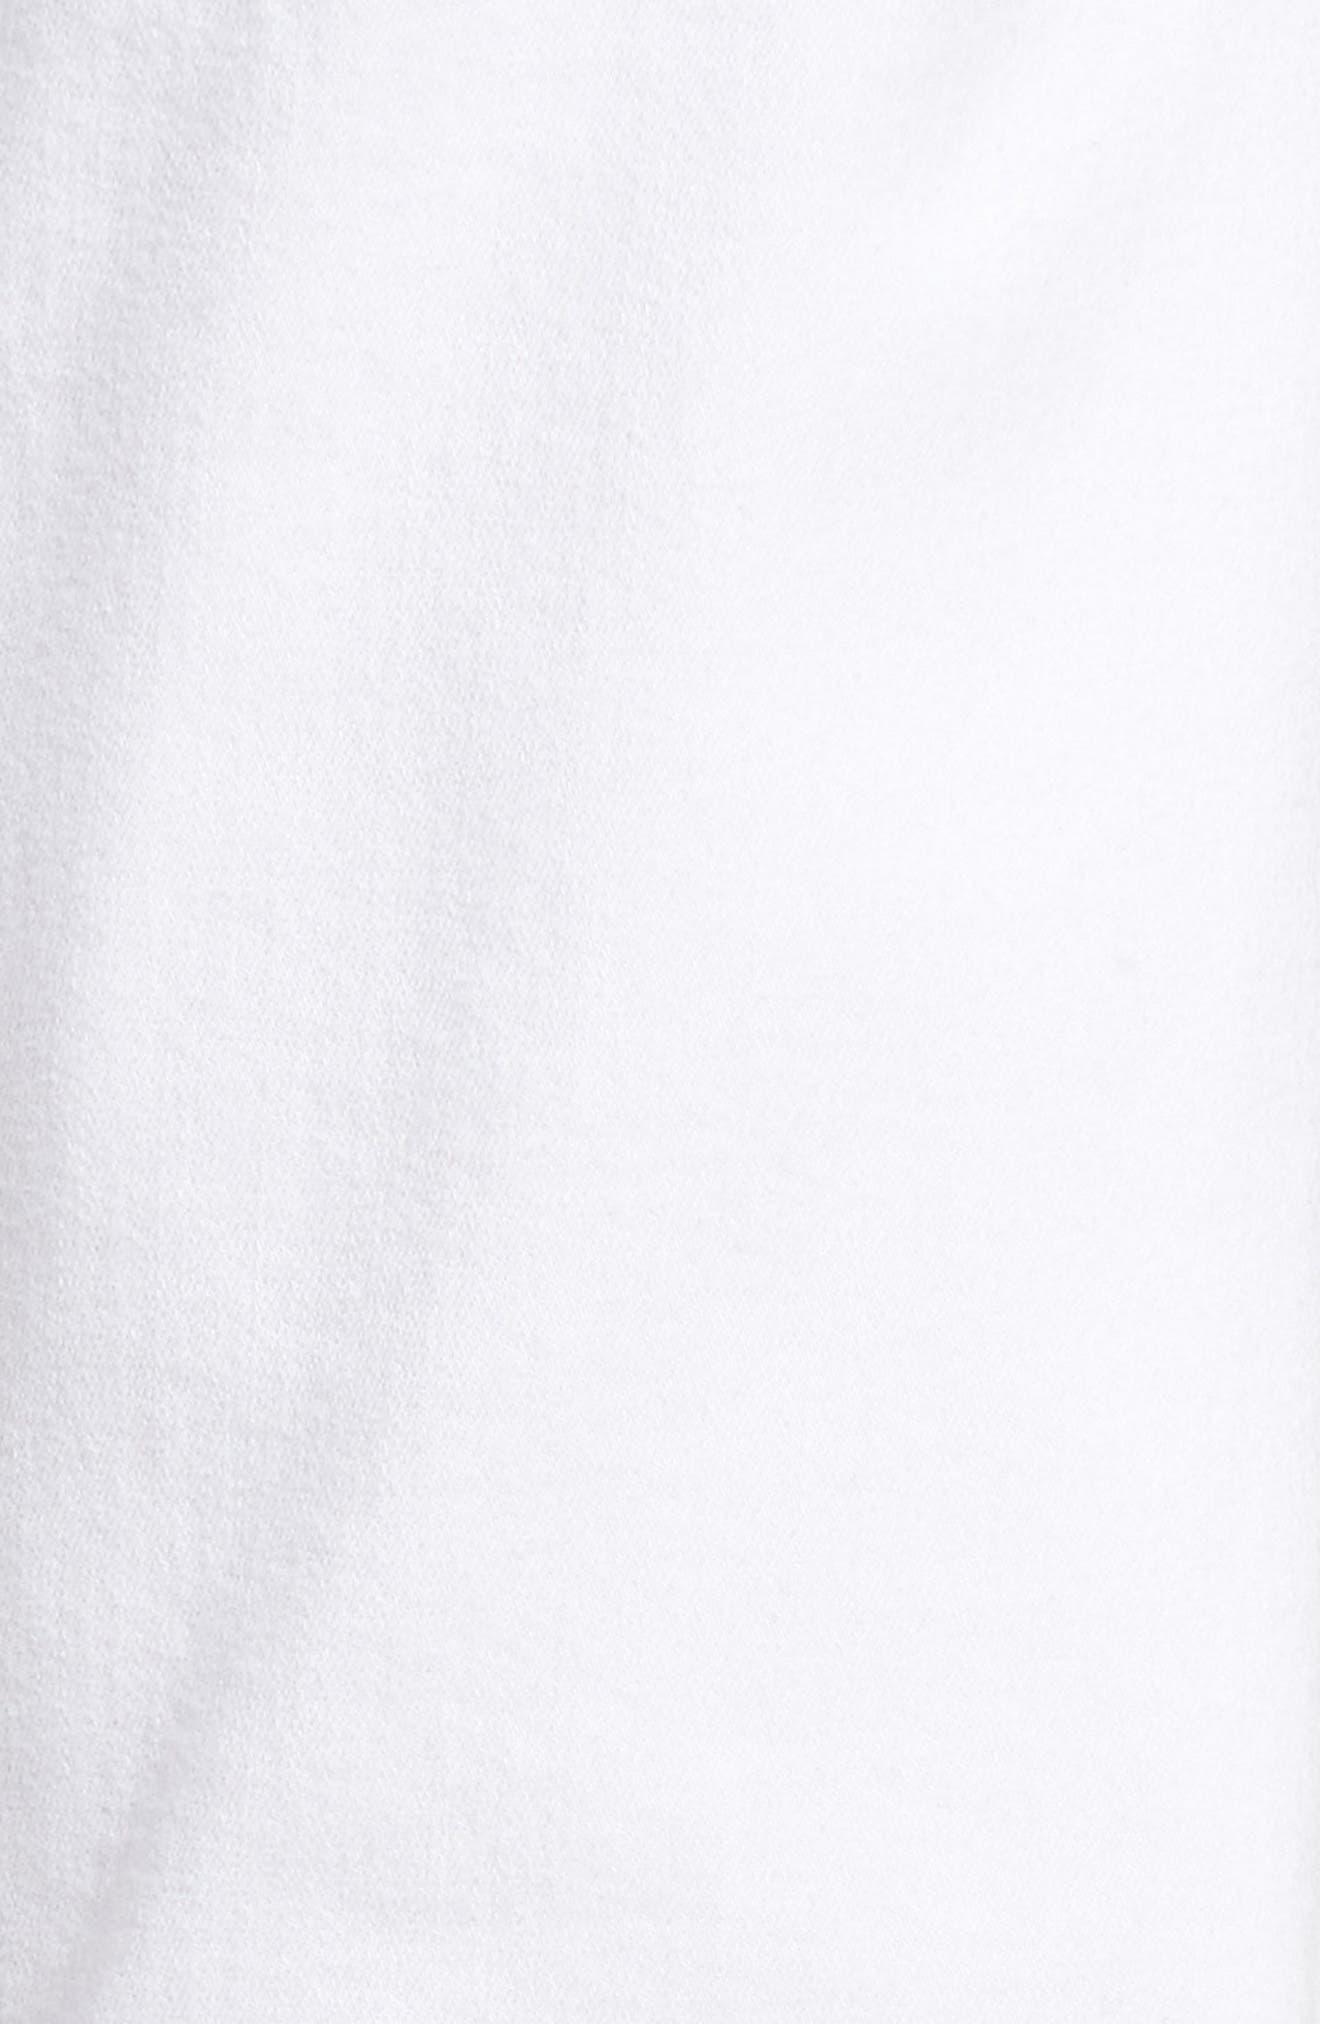 PAIGE, Transcend - Lennox Slim Fit Jeans, Alternate thumbnail 6, color, ICECAP